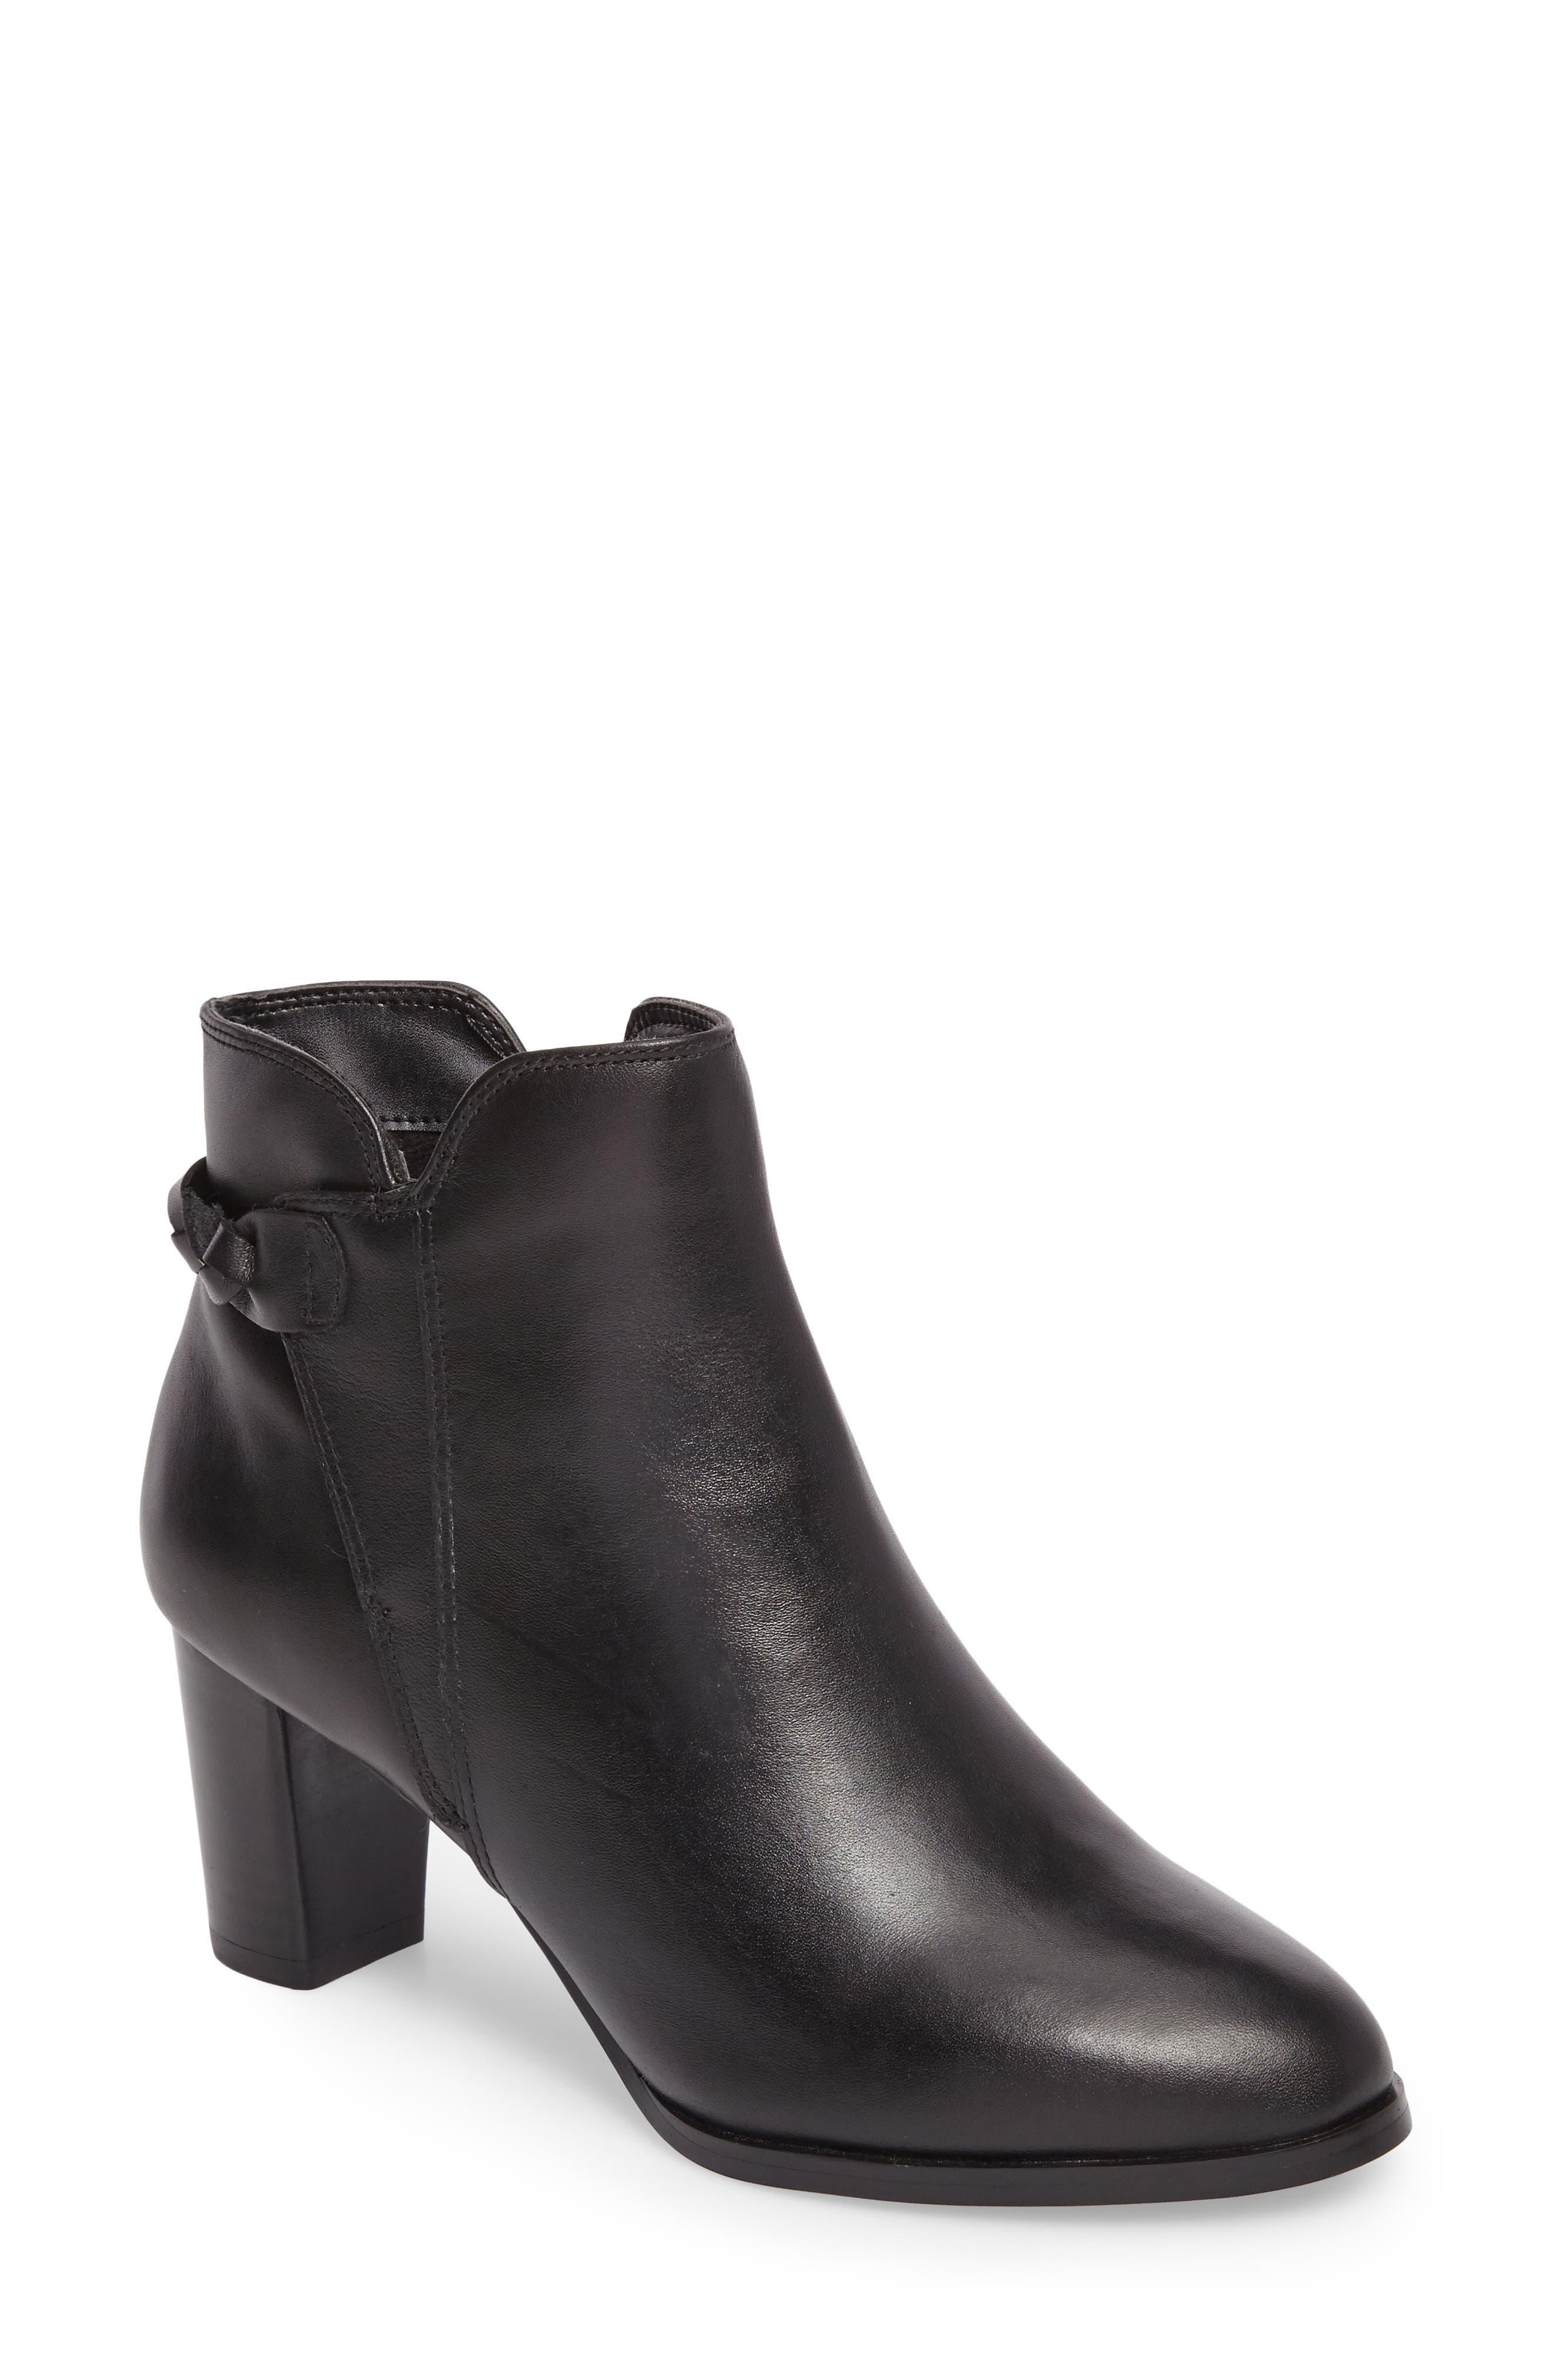 Doran Bootie,                         Main,                         color, Black Leather